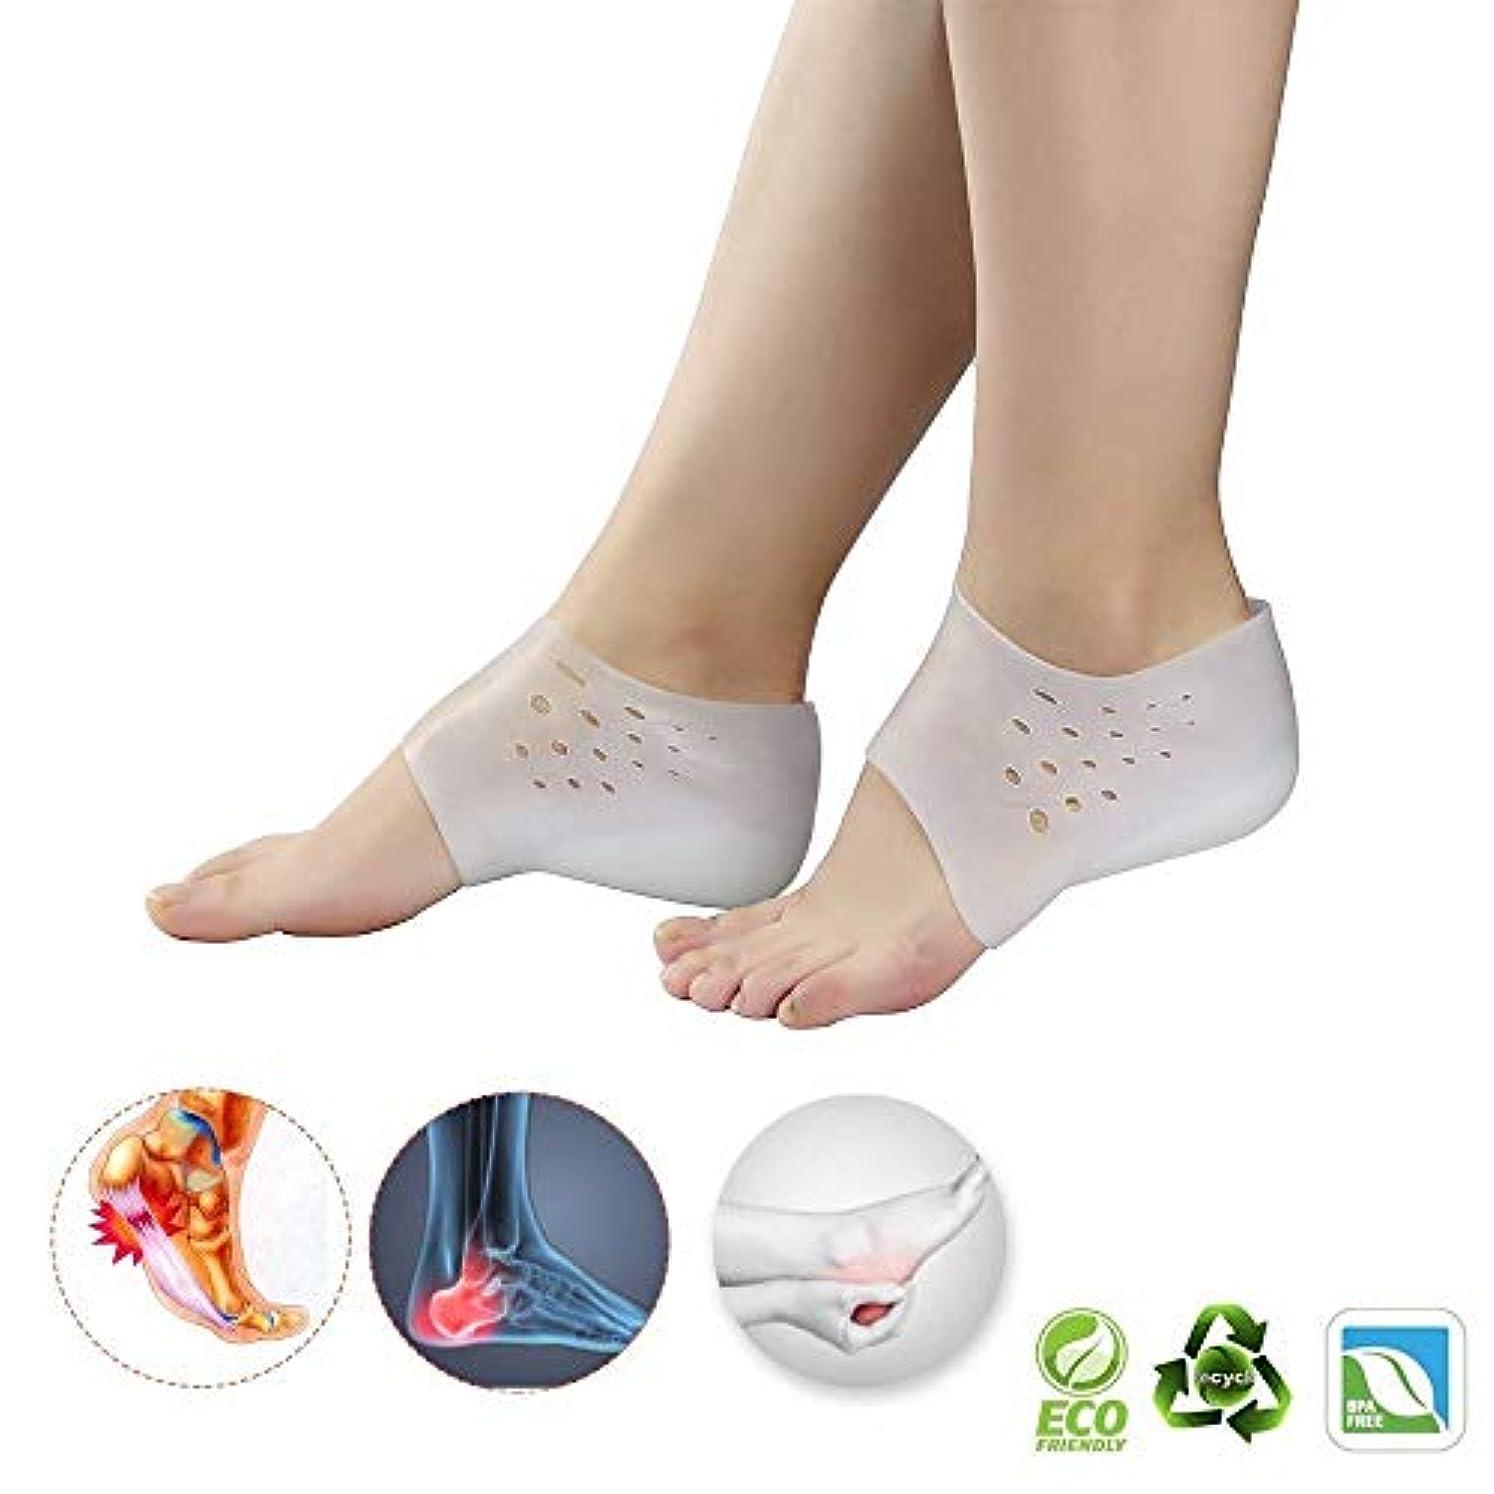 衝動会員おしゃれな足底筋膜炎の高さ増加ヒールスリーブ、ヒールリフトゲル高さ増加インソール-シリコンヒールカップ-男性と女性のためのヒールクッションスリーブプロテクターMen-4.5 cm